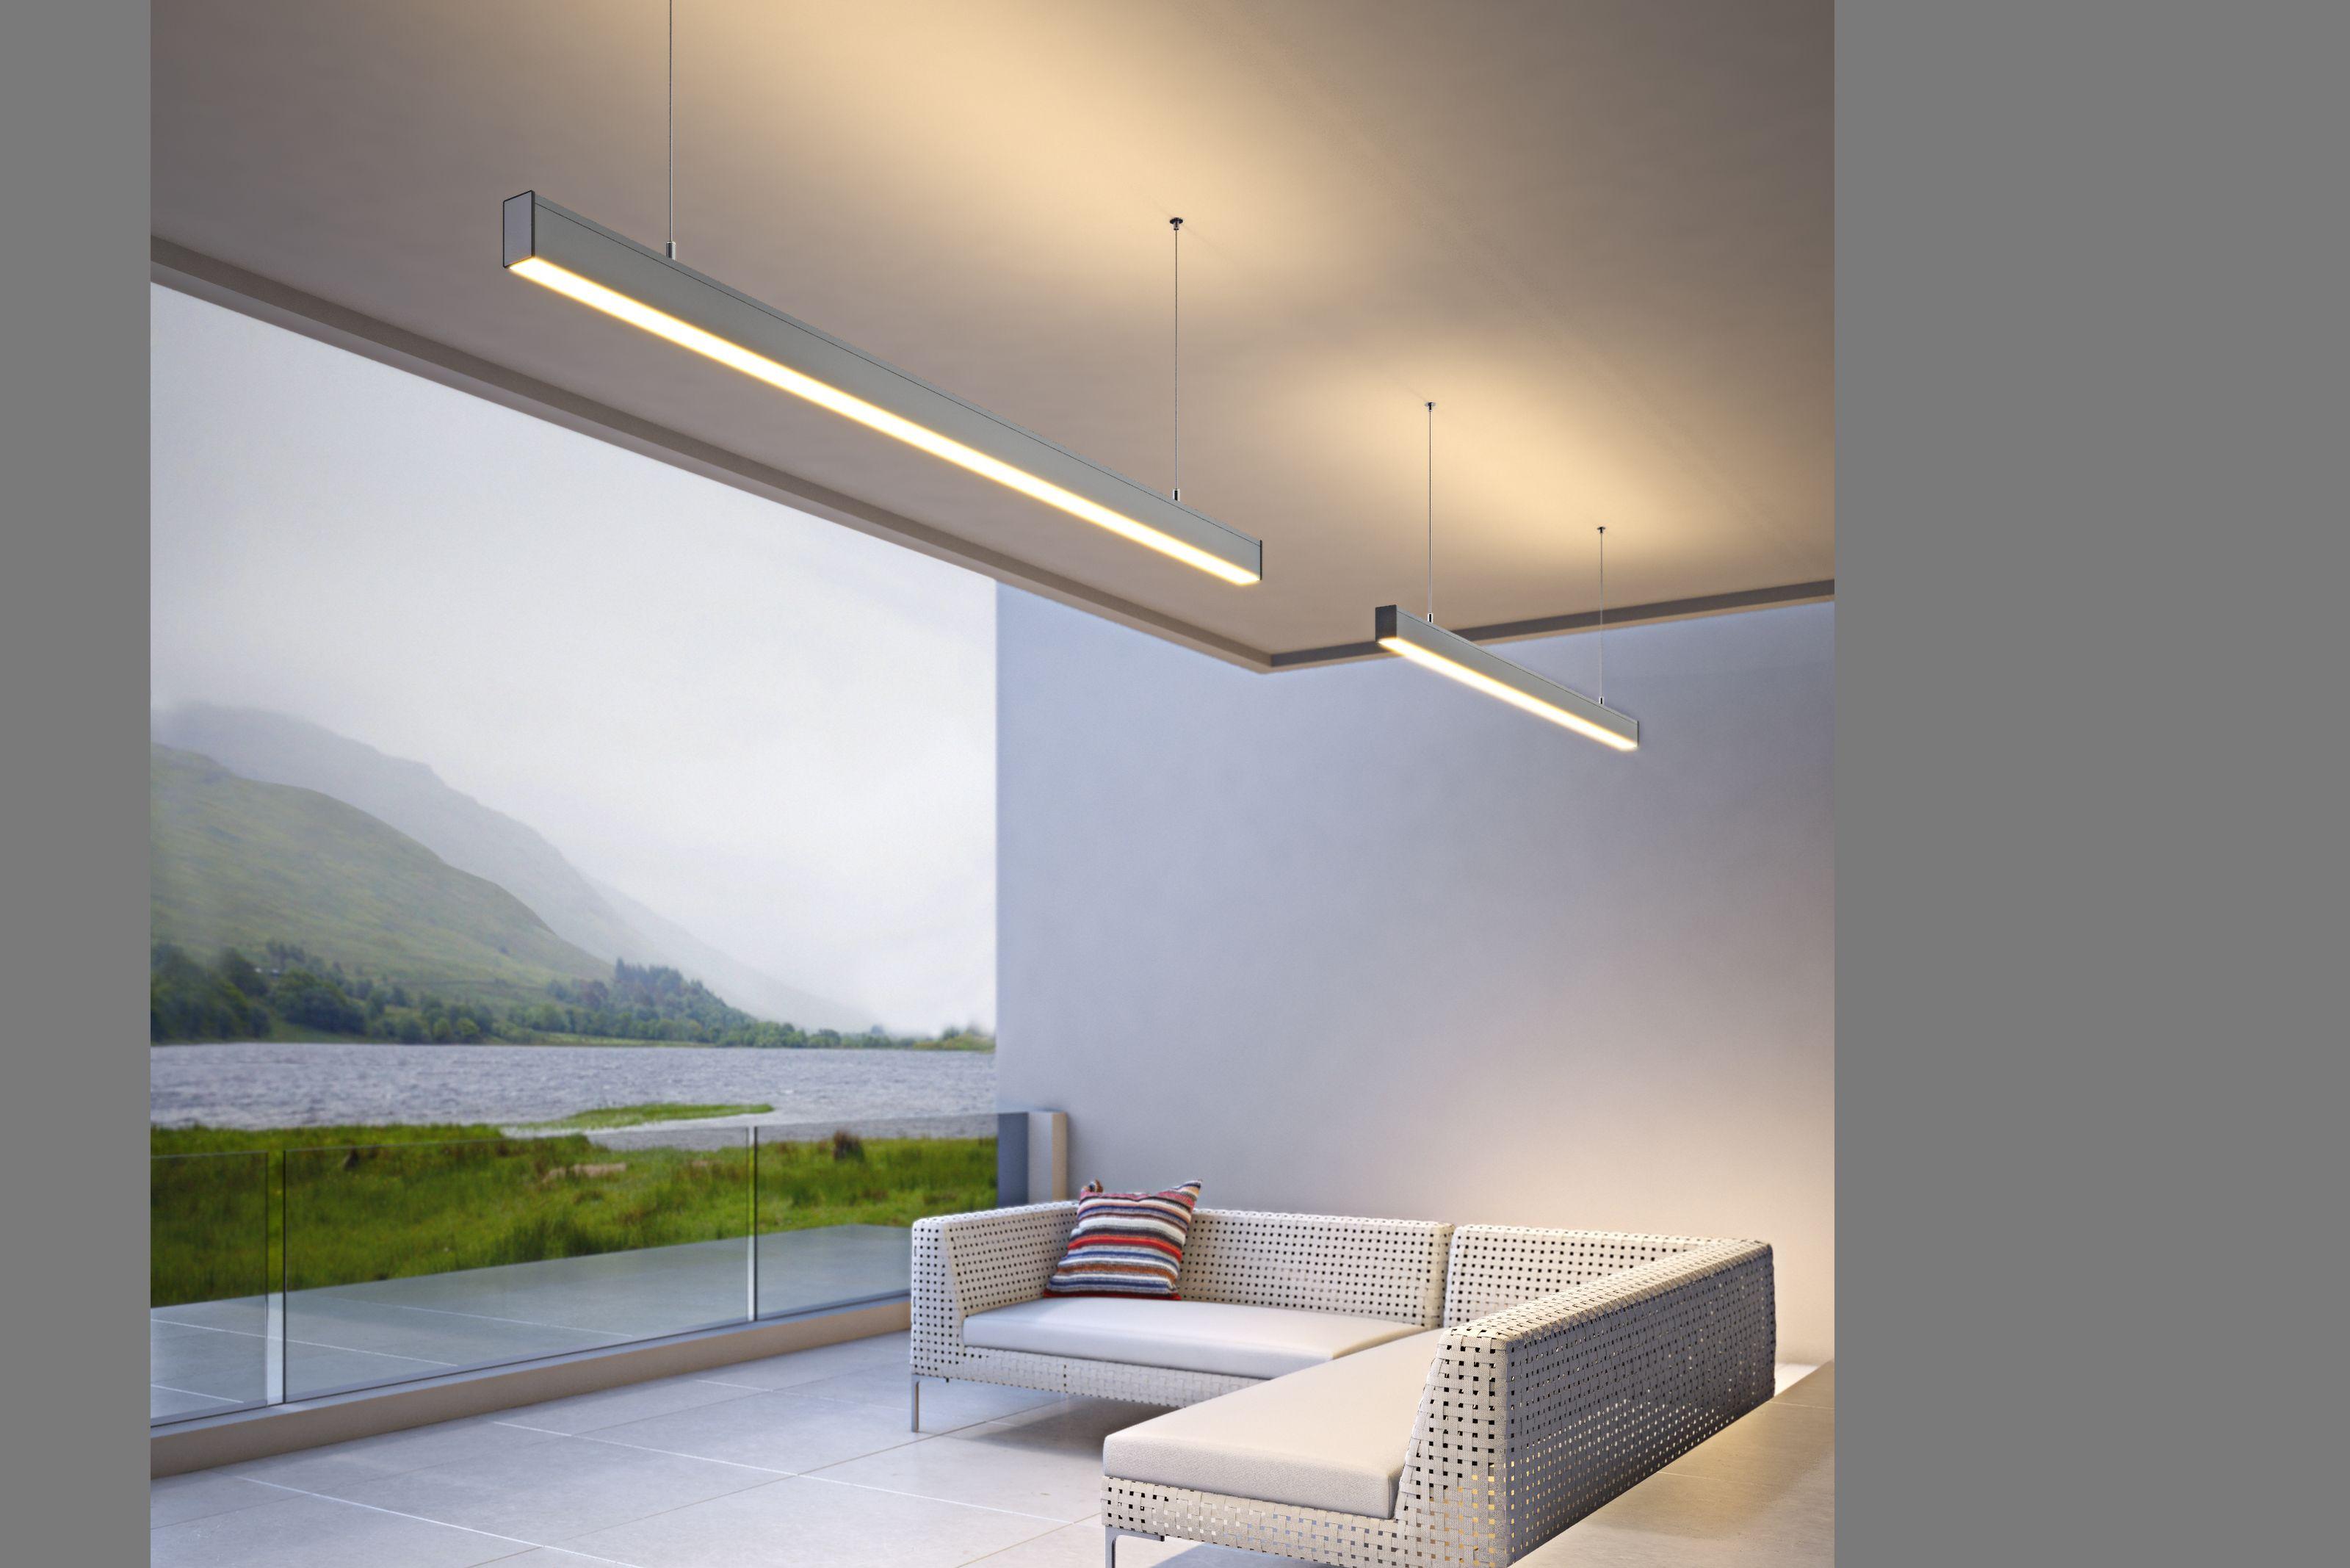 lightline-up-down-4-mj-lighting-v2